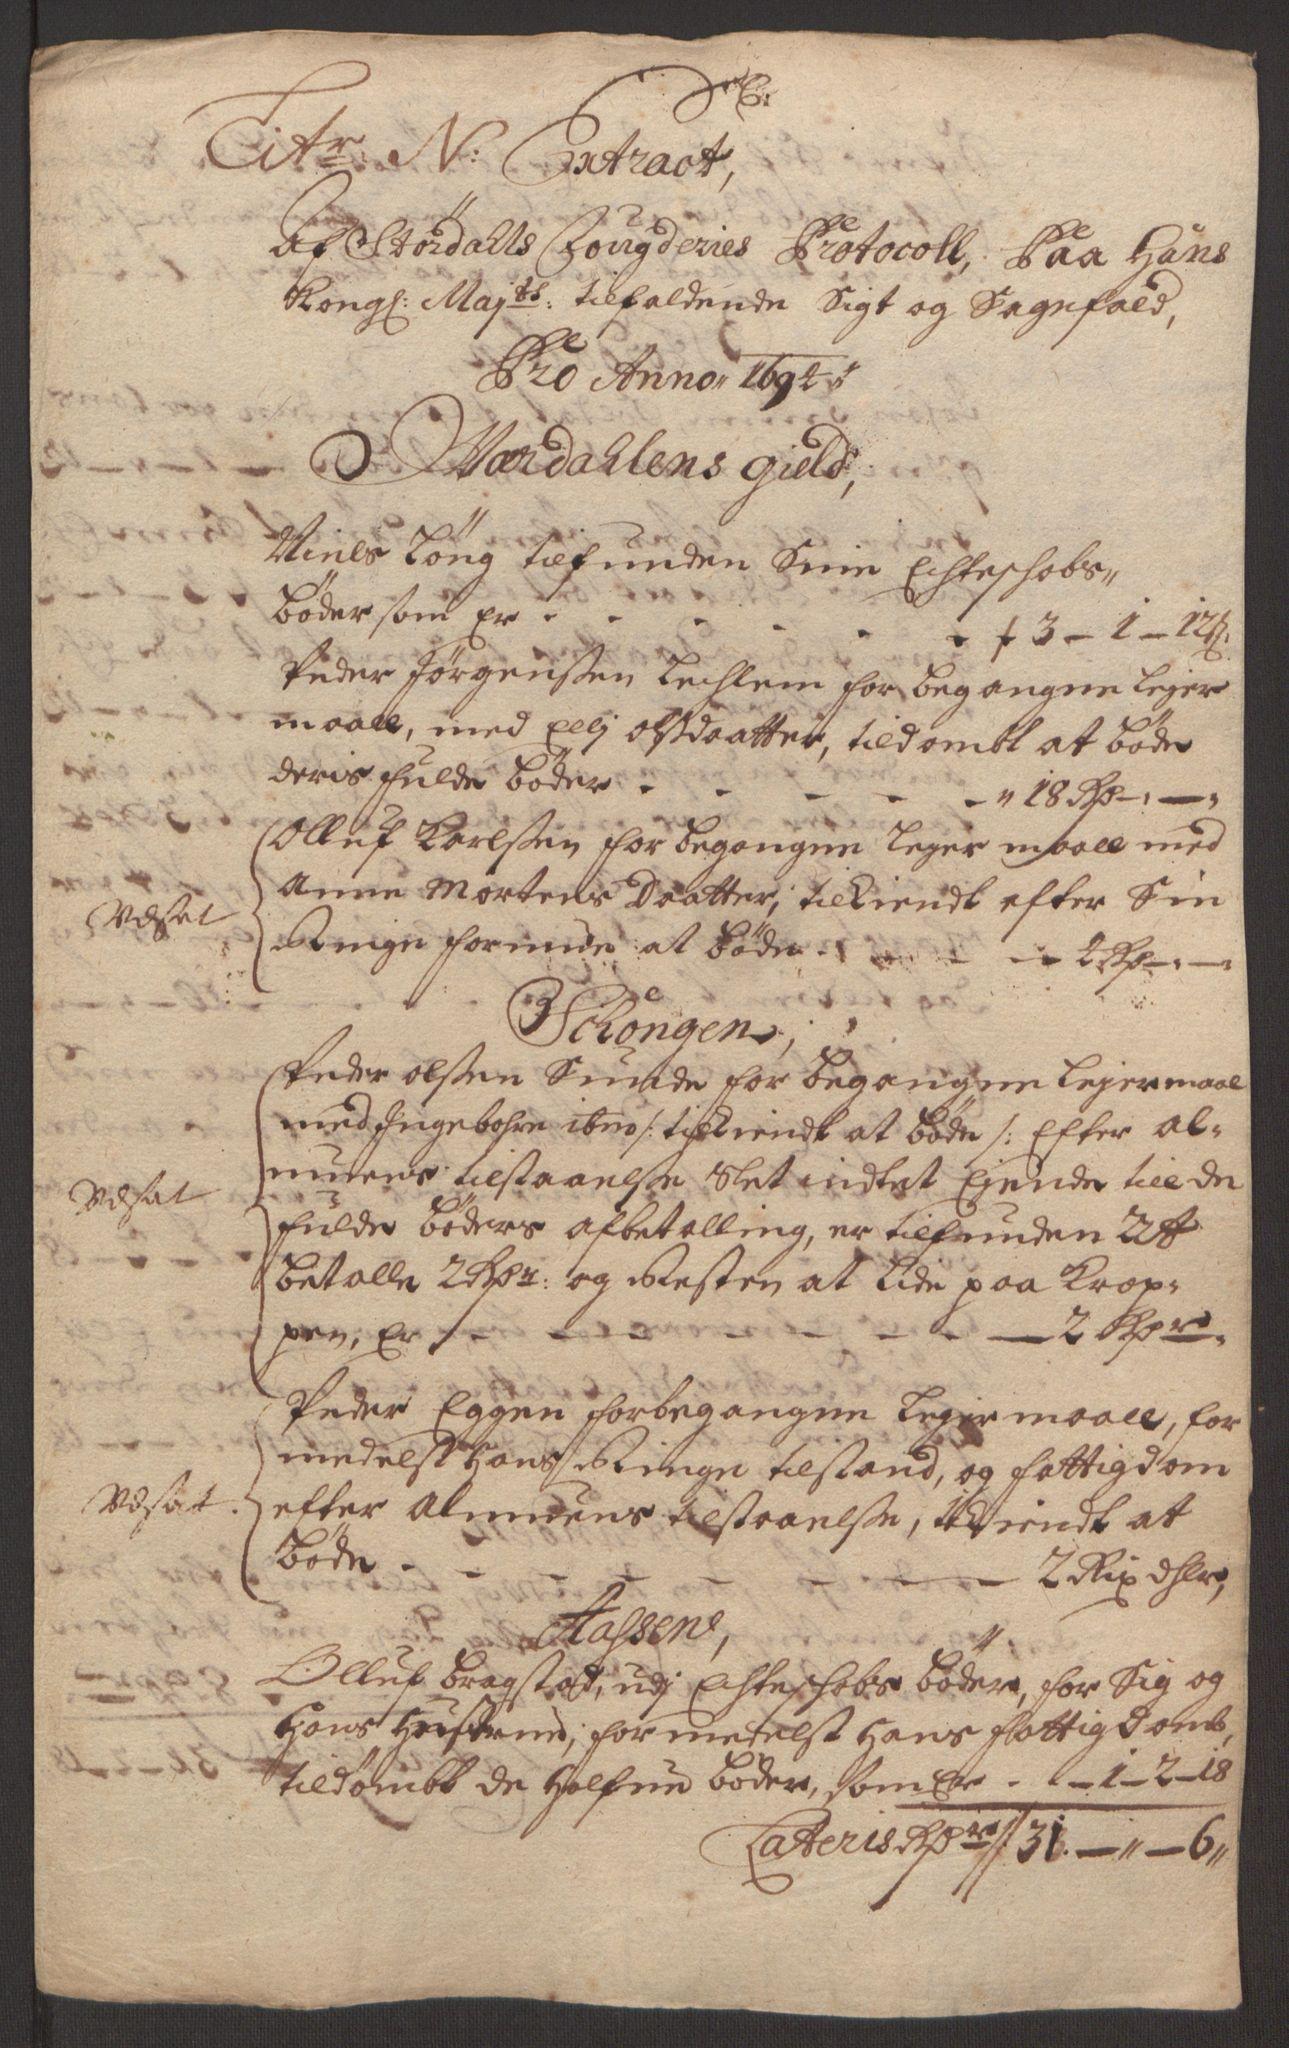 RA, Rentekammeret inntil 1814, Reviderte regnskaper, Fogderegnskap, R62/L4186: Fogderegnskap Stjørdal og Verdal, 1693-1694, s. 250